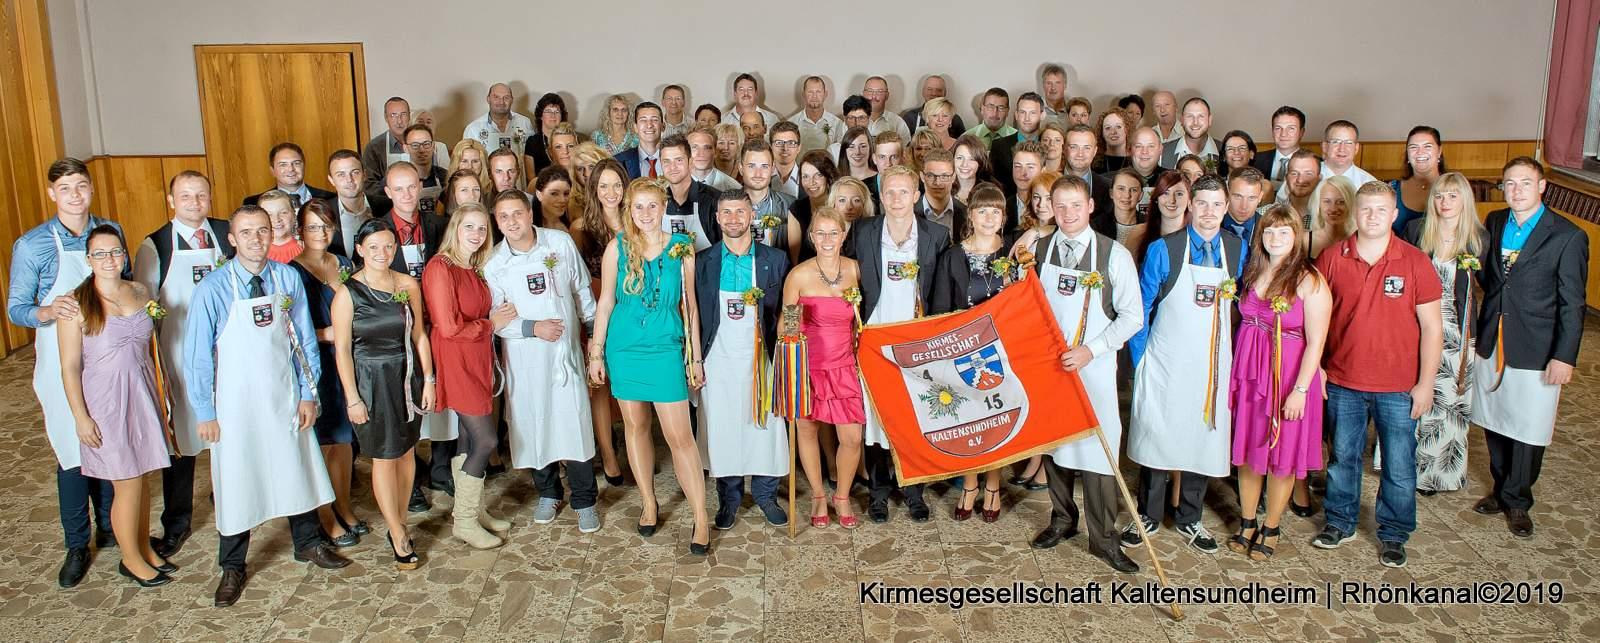 https://rhoenkanal.de/wp-content/uploads/2019/07/2019-07-18_kirmes-Kaltensundheim.jpg